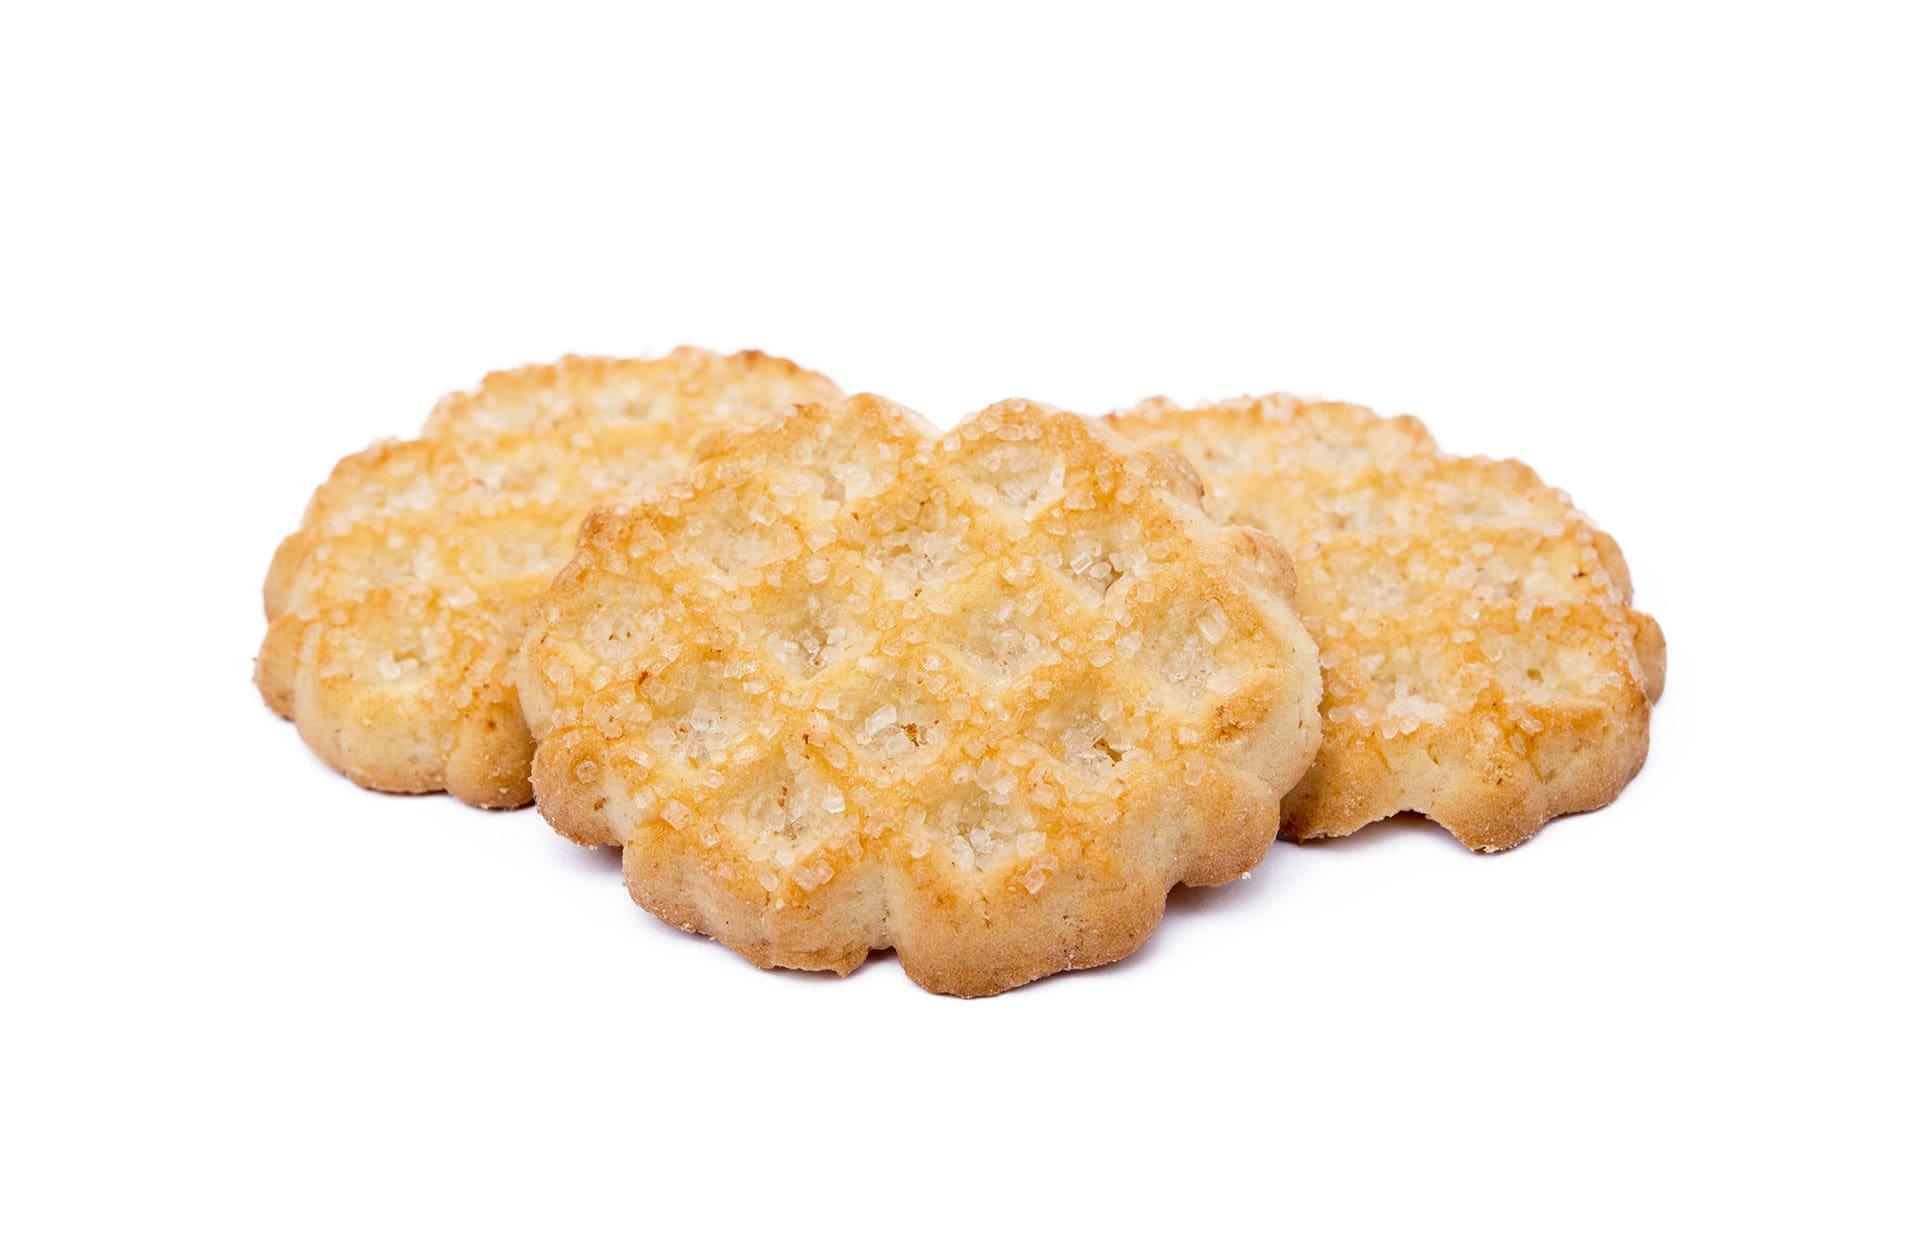 Jak zrobić ciasteczka z cukrem? Instrukcja krok po kroku